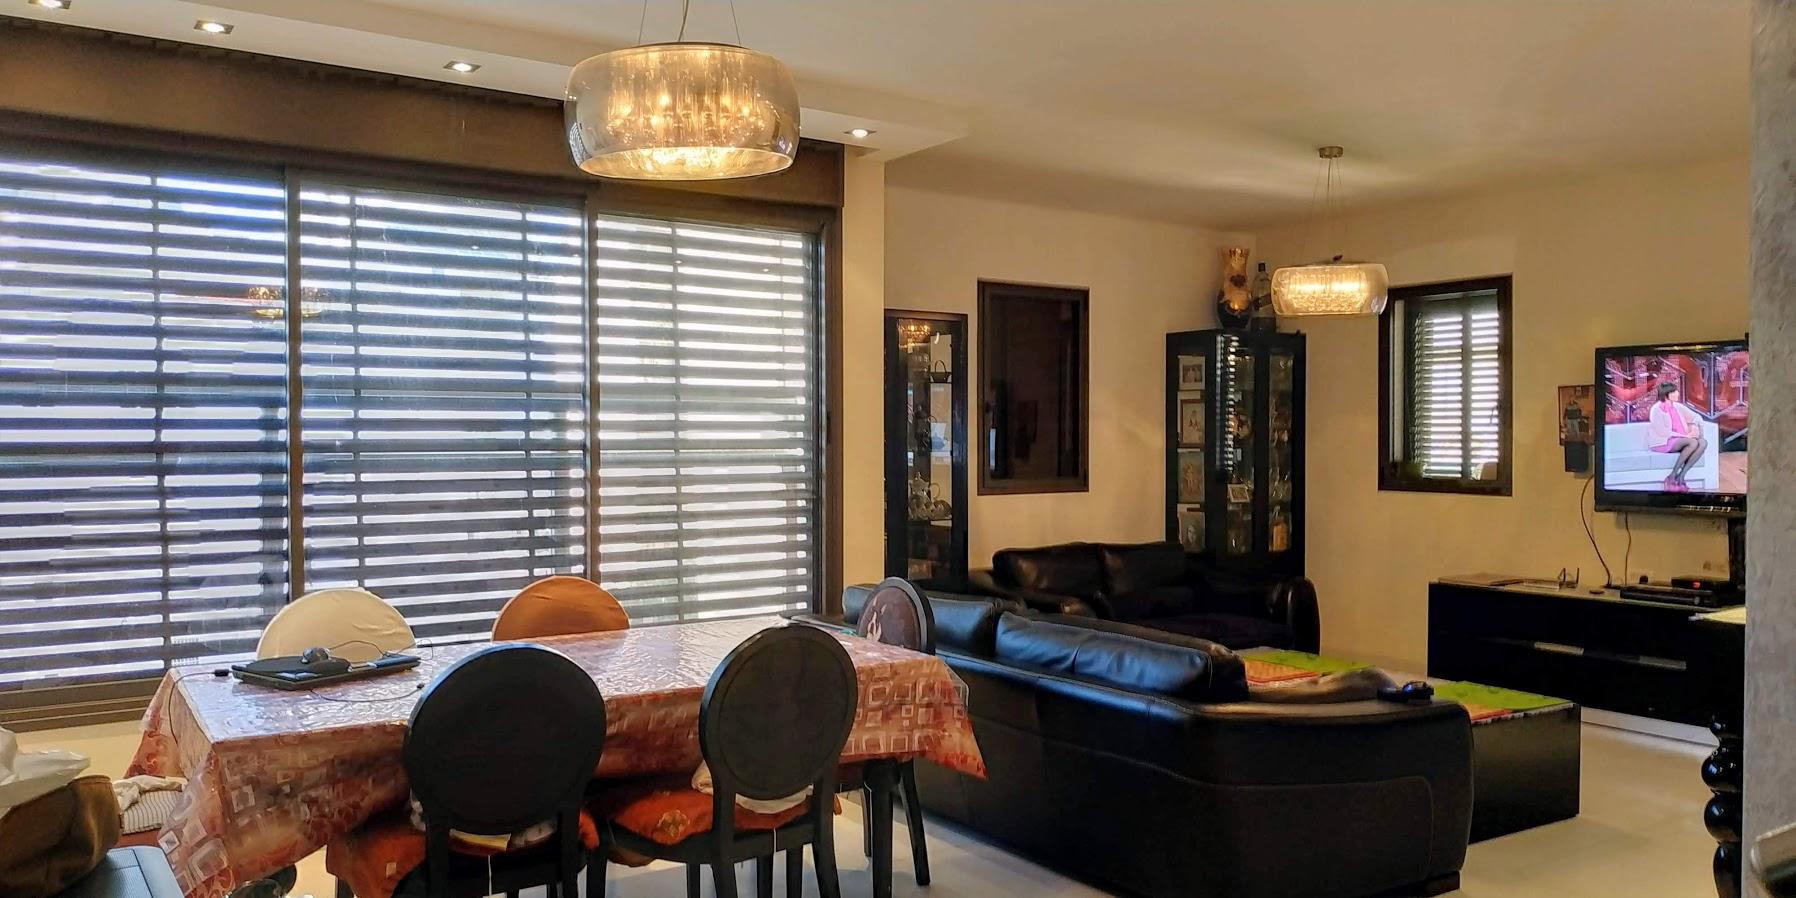 דירת גג למכירה 4 חדרים 2,500,000₪, בת ים